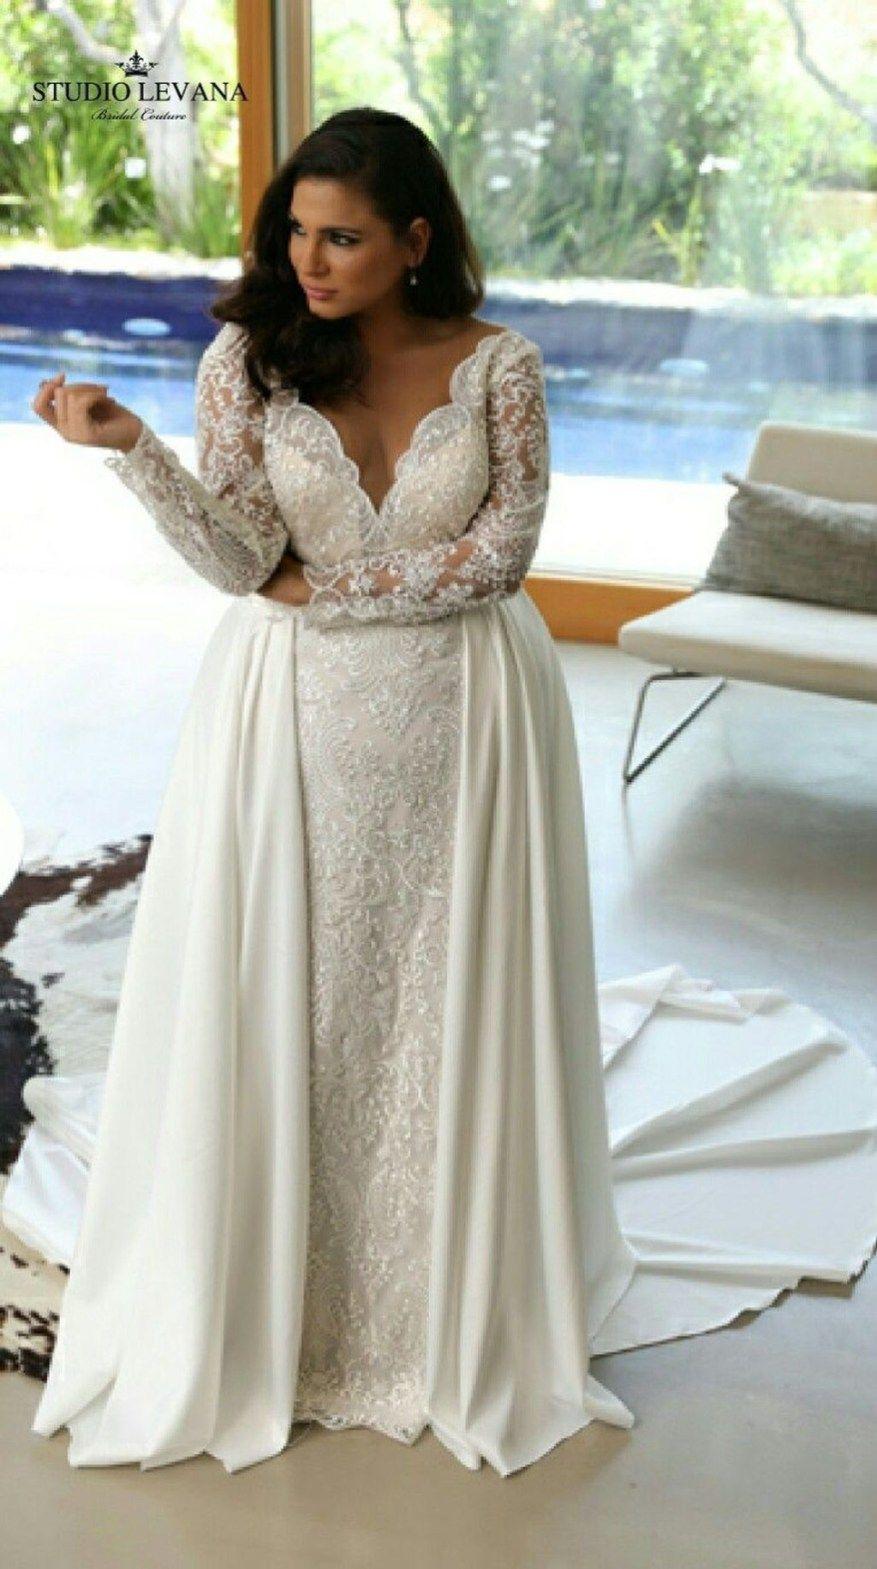 stylish plus size wedding dresses inspirations ideas wedding